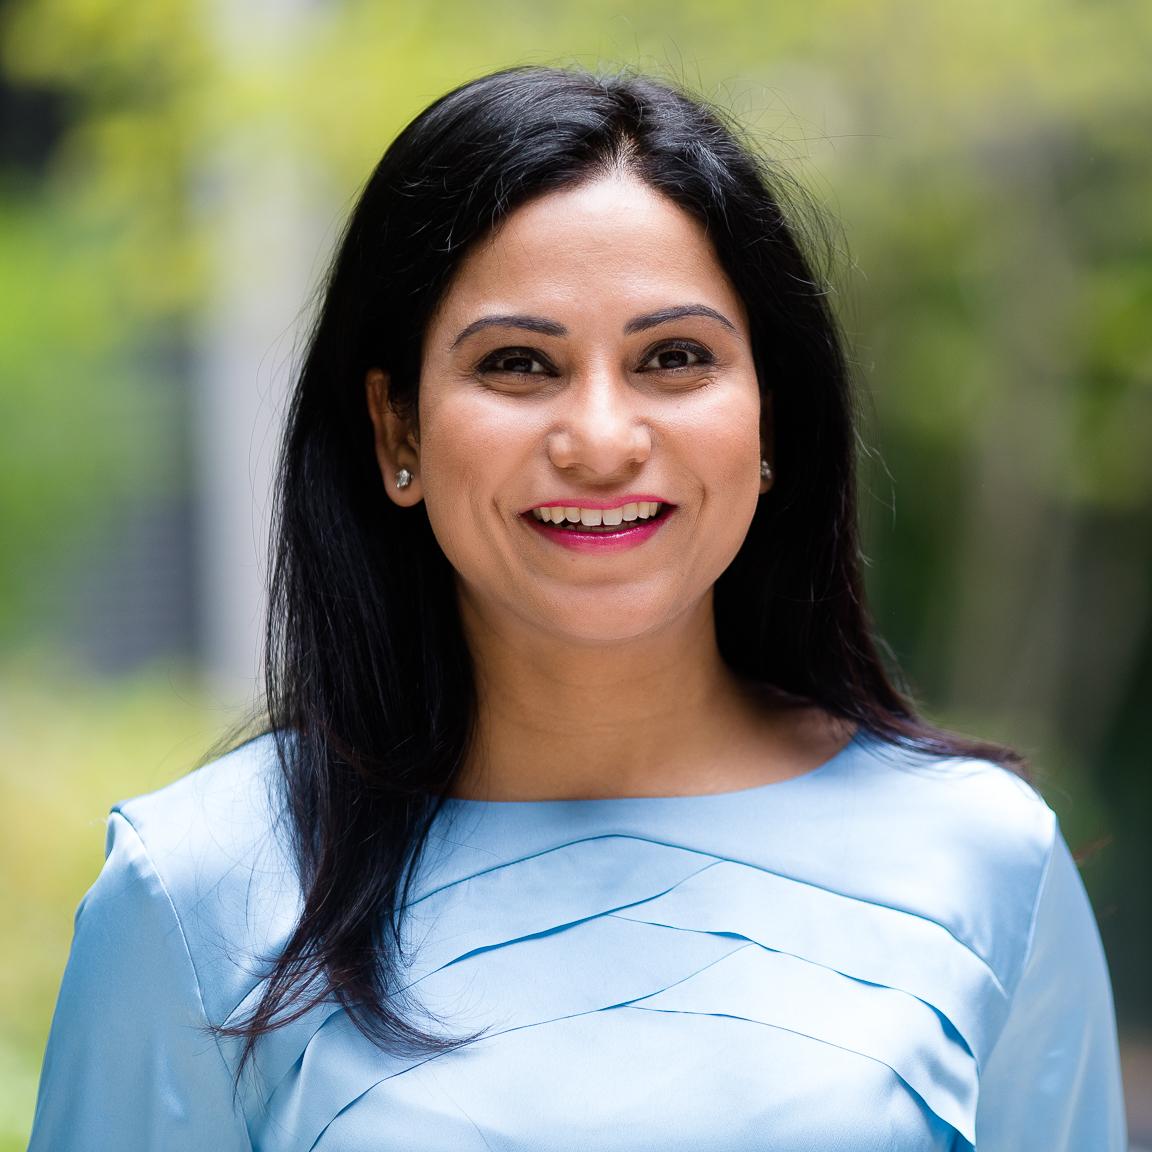 Women in Global Health WEB 20190426-7295